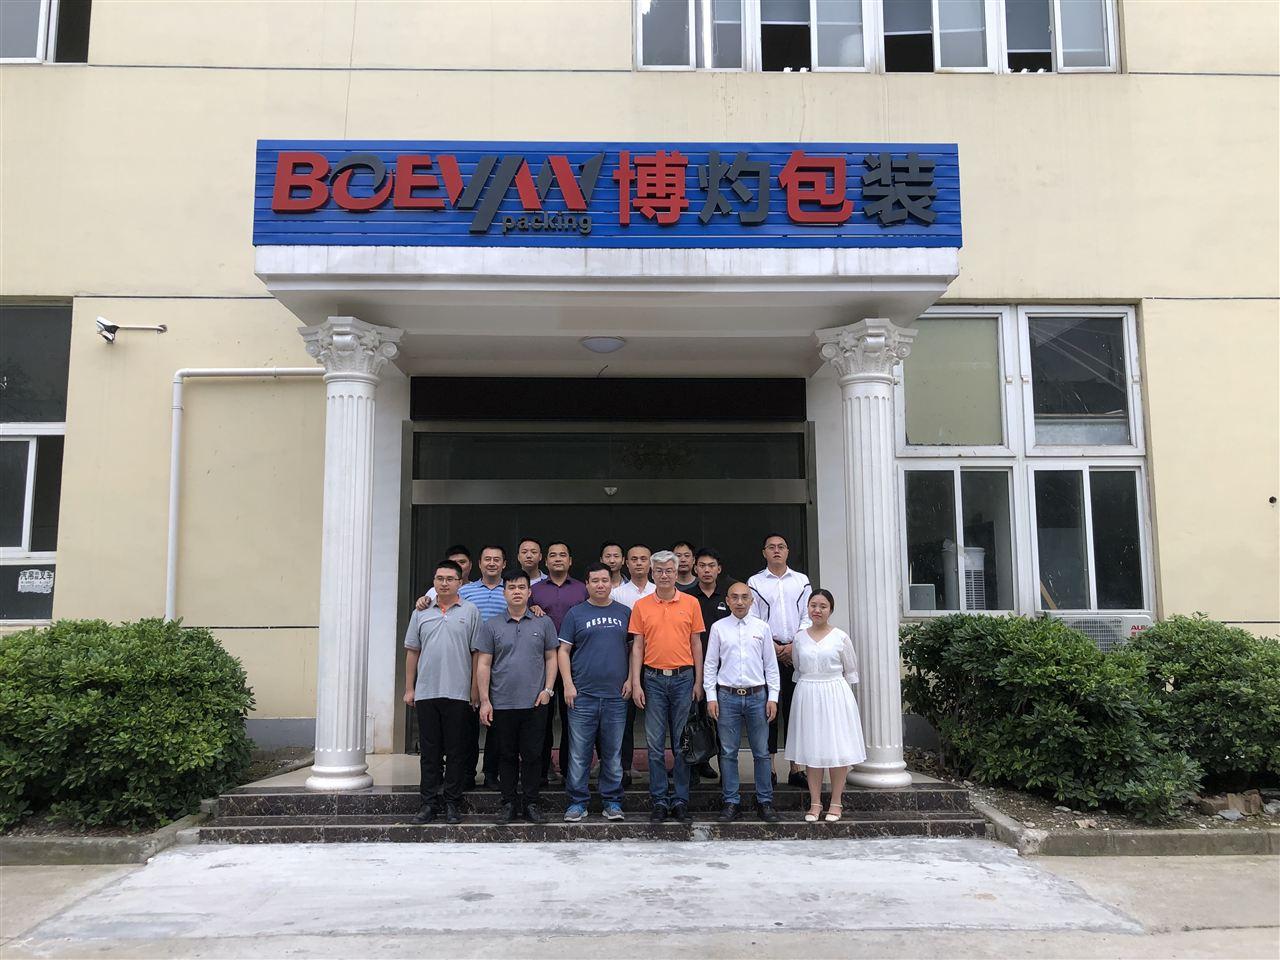 走访上海博灼包装机械易胜博娱乐网站